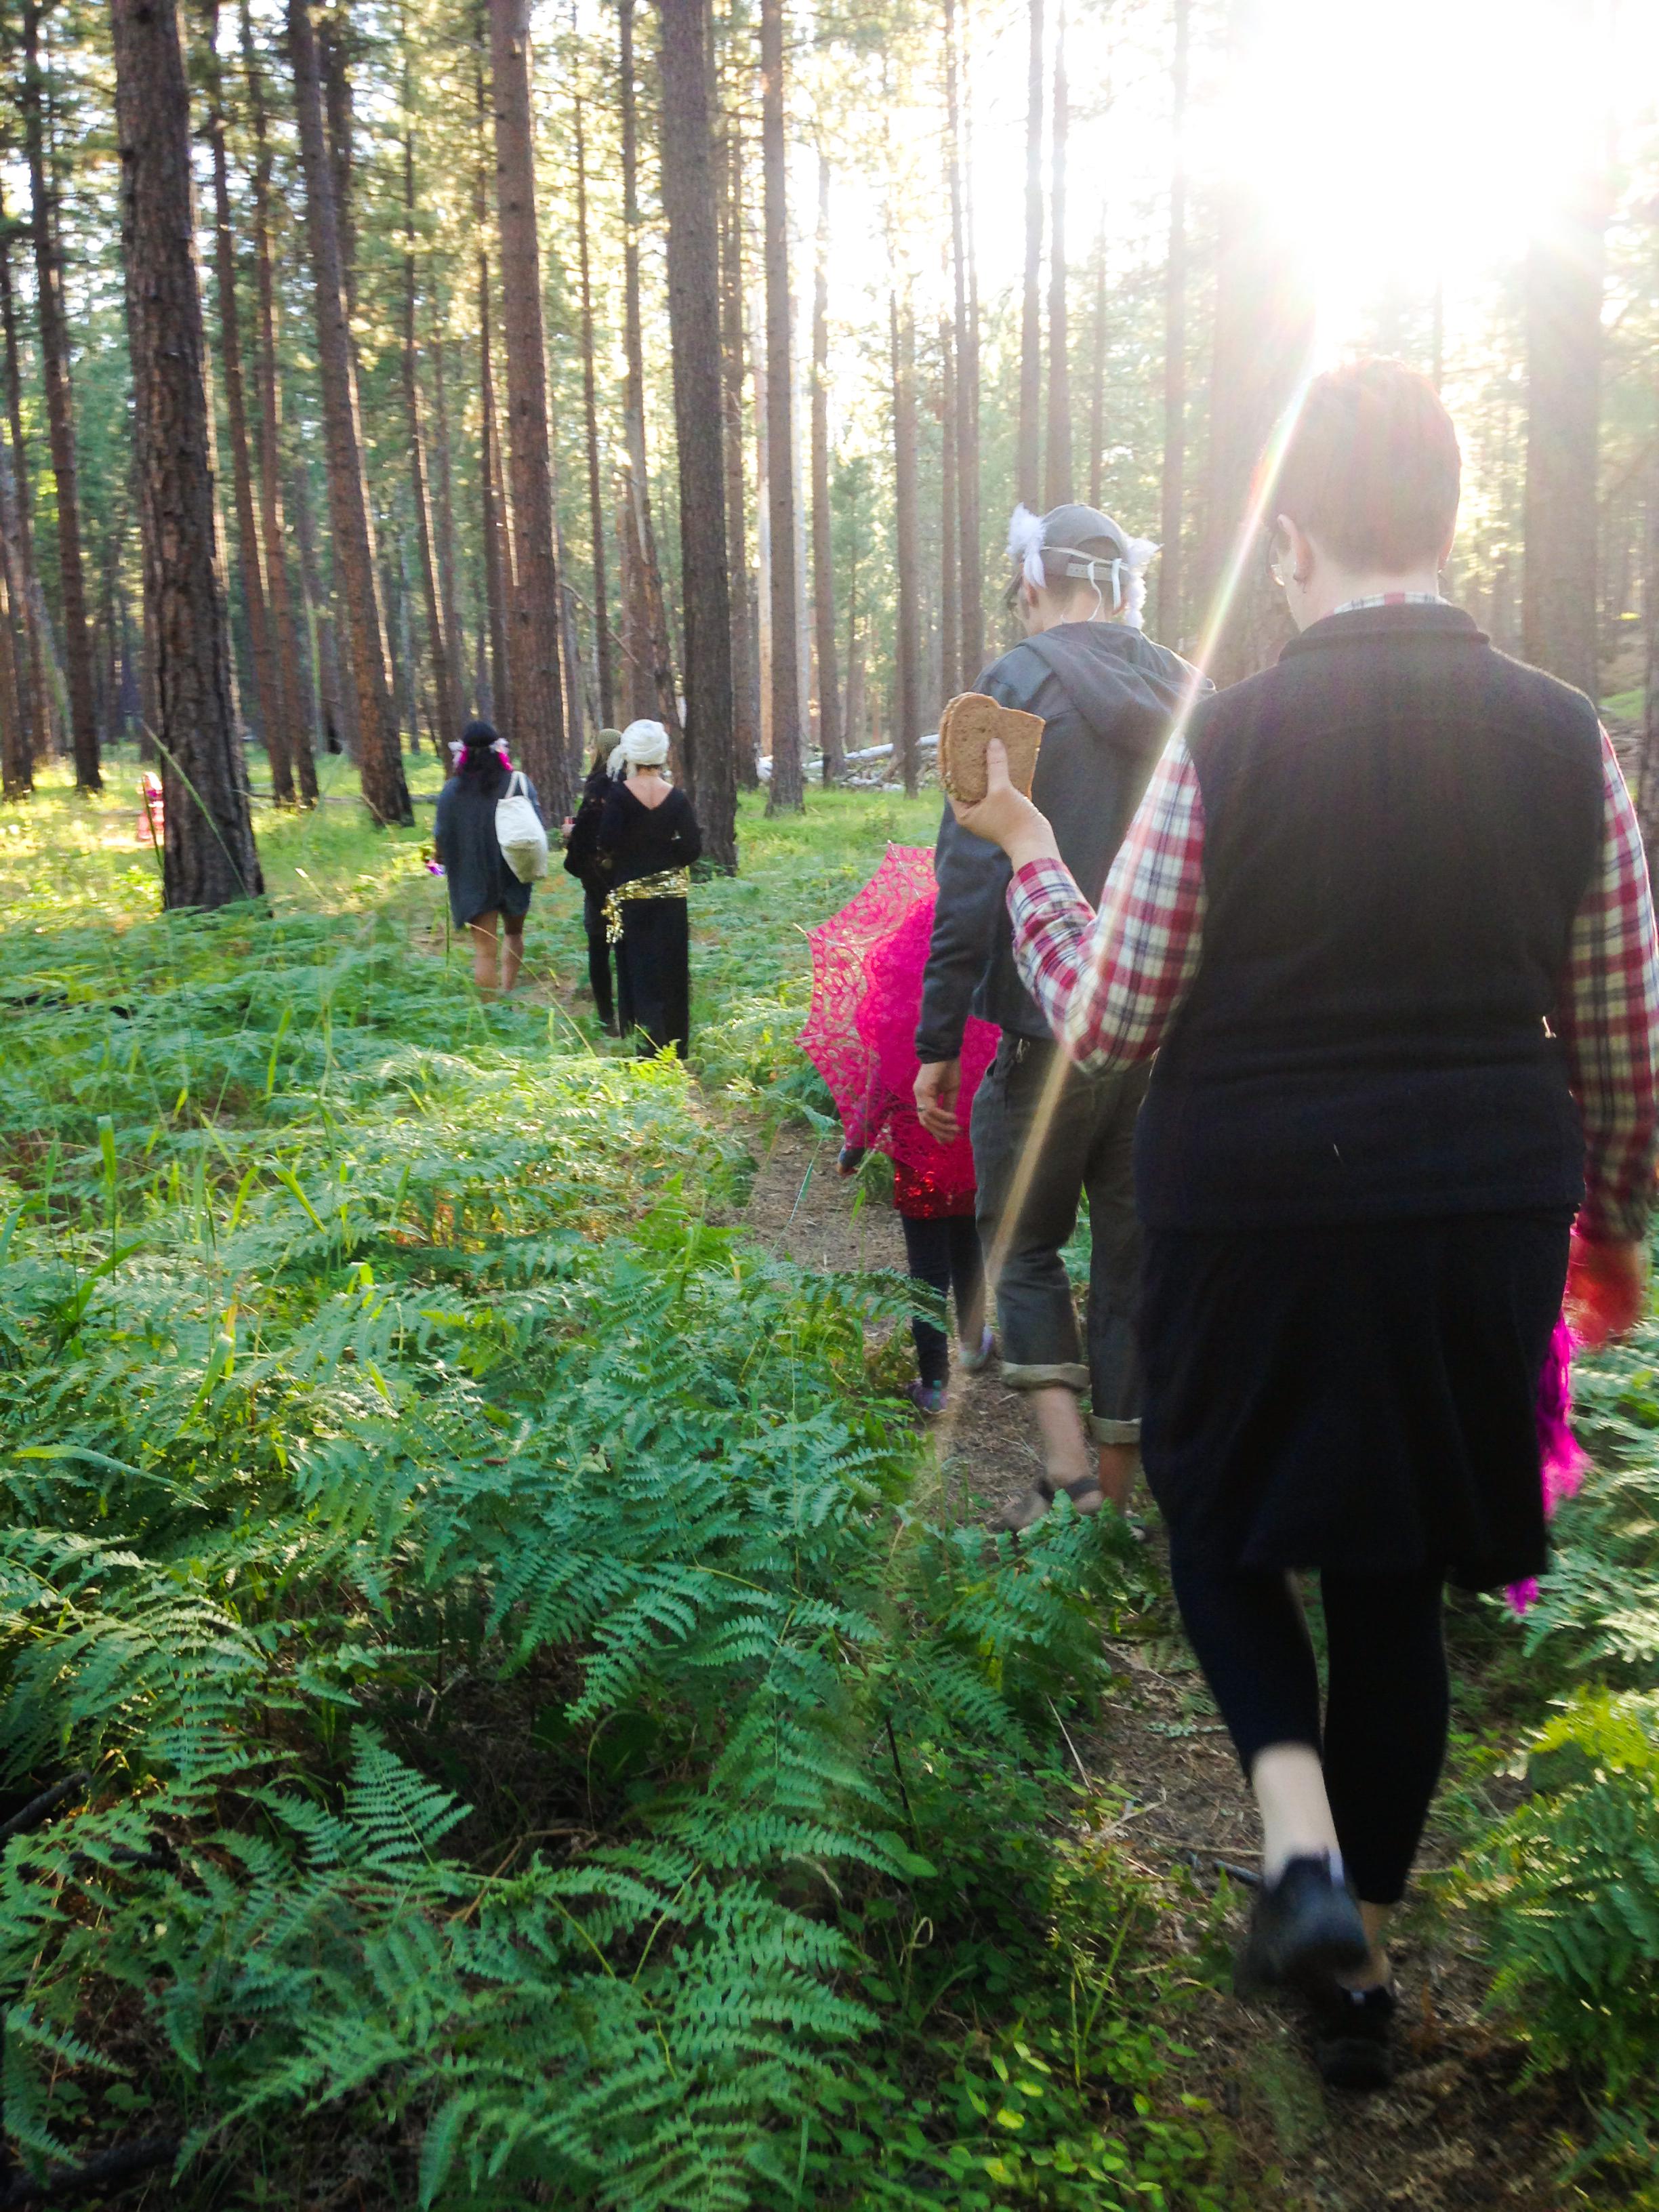 solstice-pines-walk-to-goldendome.jpg